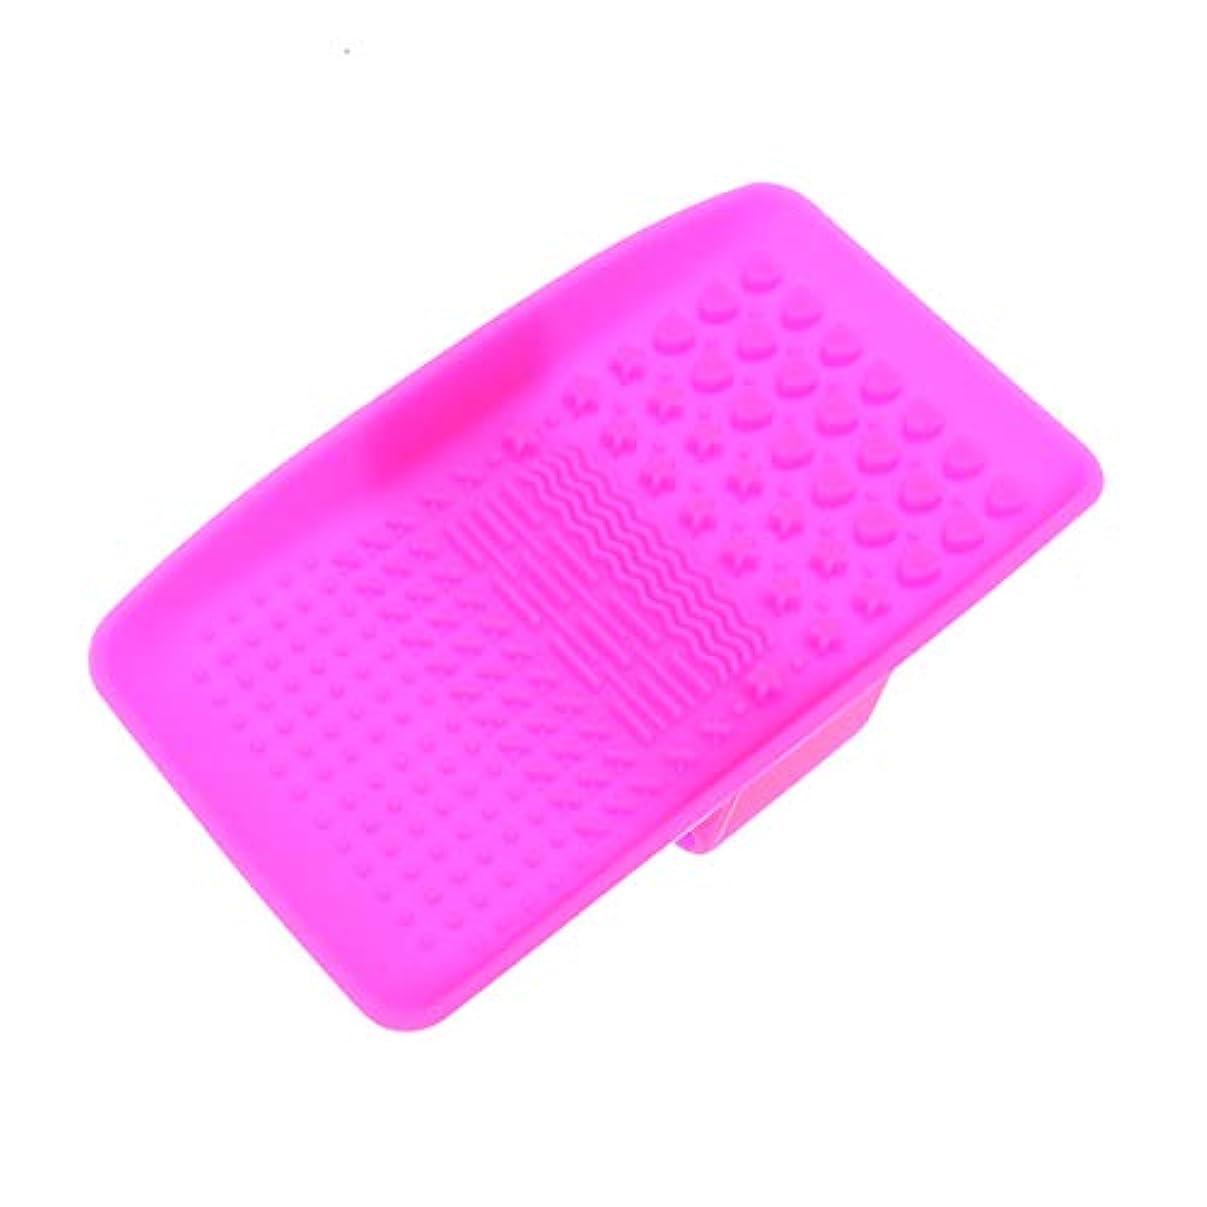 緯度アルネ現象Beaupretty 吸引ブラシが付いているシリコーンのブラシのクリーニングのマットの携帯用化粧品のブラシの洗剤